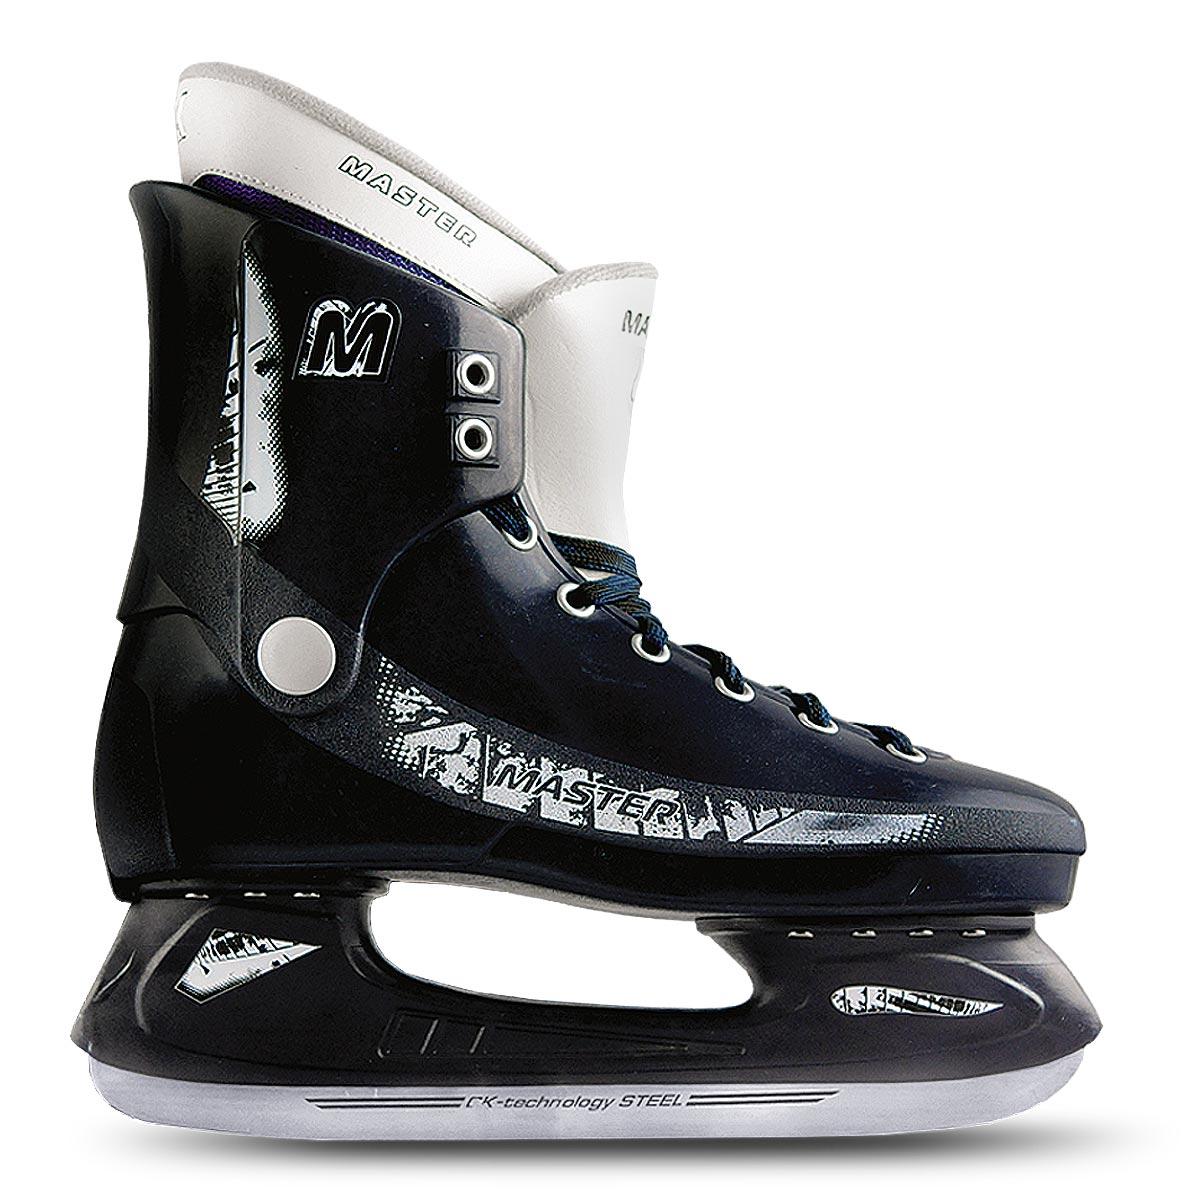 Коньки хоккейные мужские CK Master Deluxe, цвет: синий. Размер 41MASTER deluxe_синий_41Стильные коньки от CK Master Deluxe с ударопрочной защитной конструкцией отлично подойдут для начинающих обучаться катанию. Ботинки изготовлены из морозостойкого полимера, который защитит ноги от ударов. Верх изделия оформлен классической шнуровкой, надежно фиксирующей голеностоп. Сапожок, выполненный из комбинации капровелюра и искусственной кожи, оформлен принтом и тиснением в виде логотипа бренда. Внутренняя поверхность, дополненная утеплителем, и стелька исполнены из текстиля. Фигурное лезвие изготовлено из нержавеющей легированной стали со специальным покрытием, придающим дополнительную прочность. Усиленная двух-стаканная рама декорирована с одной из боковых сторон оригинальным принтом. Стильные коньки придутся вам по душе. Уважаемые клиенты, обращаем ваше внимание на тот факт, что модель маломерит: при заказе выбирайте размер на 1-2 превышающий ваш собственный.